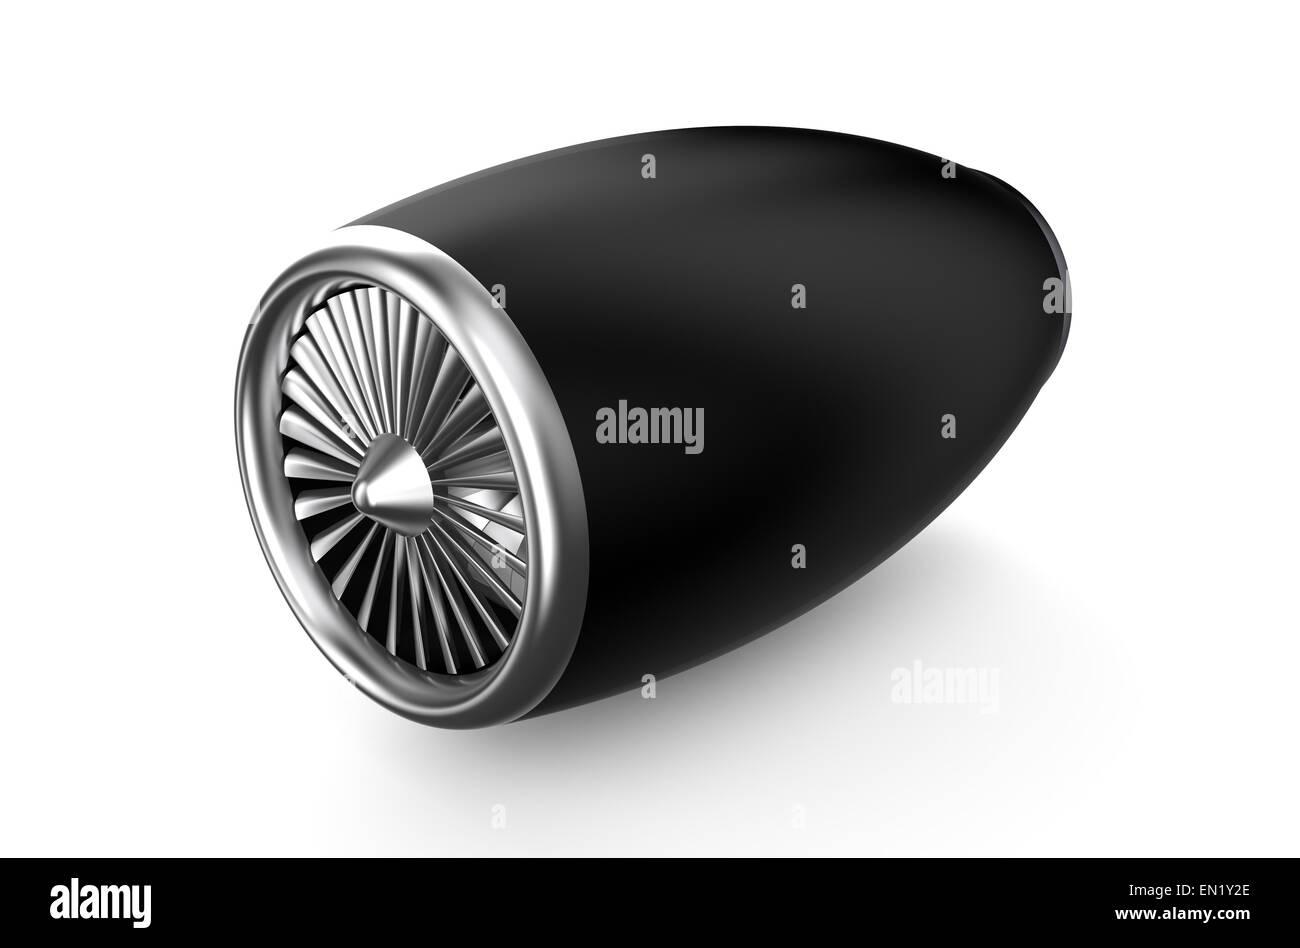 black jet engine isolated on white background - Stock Image